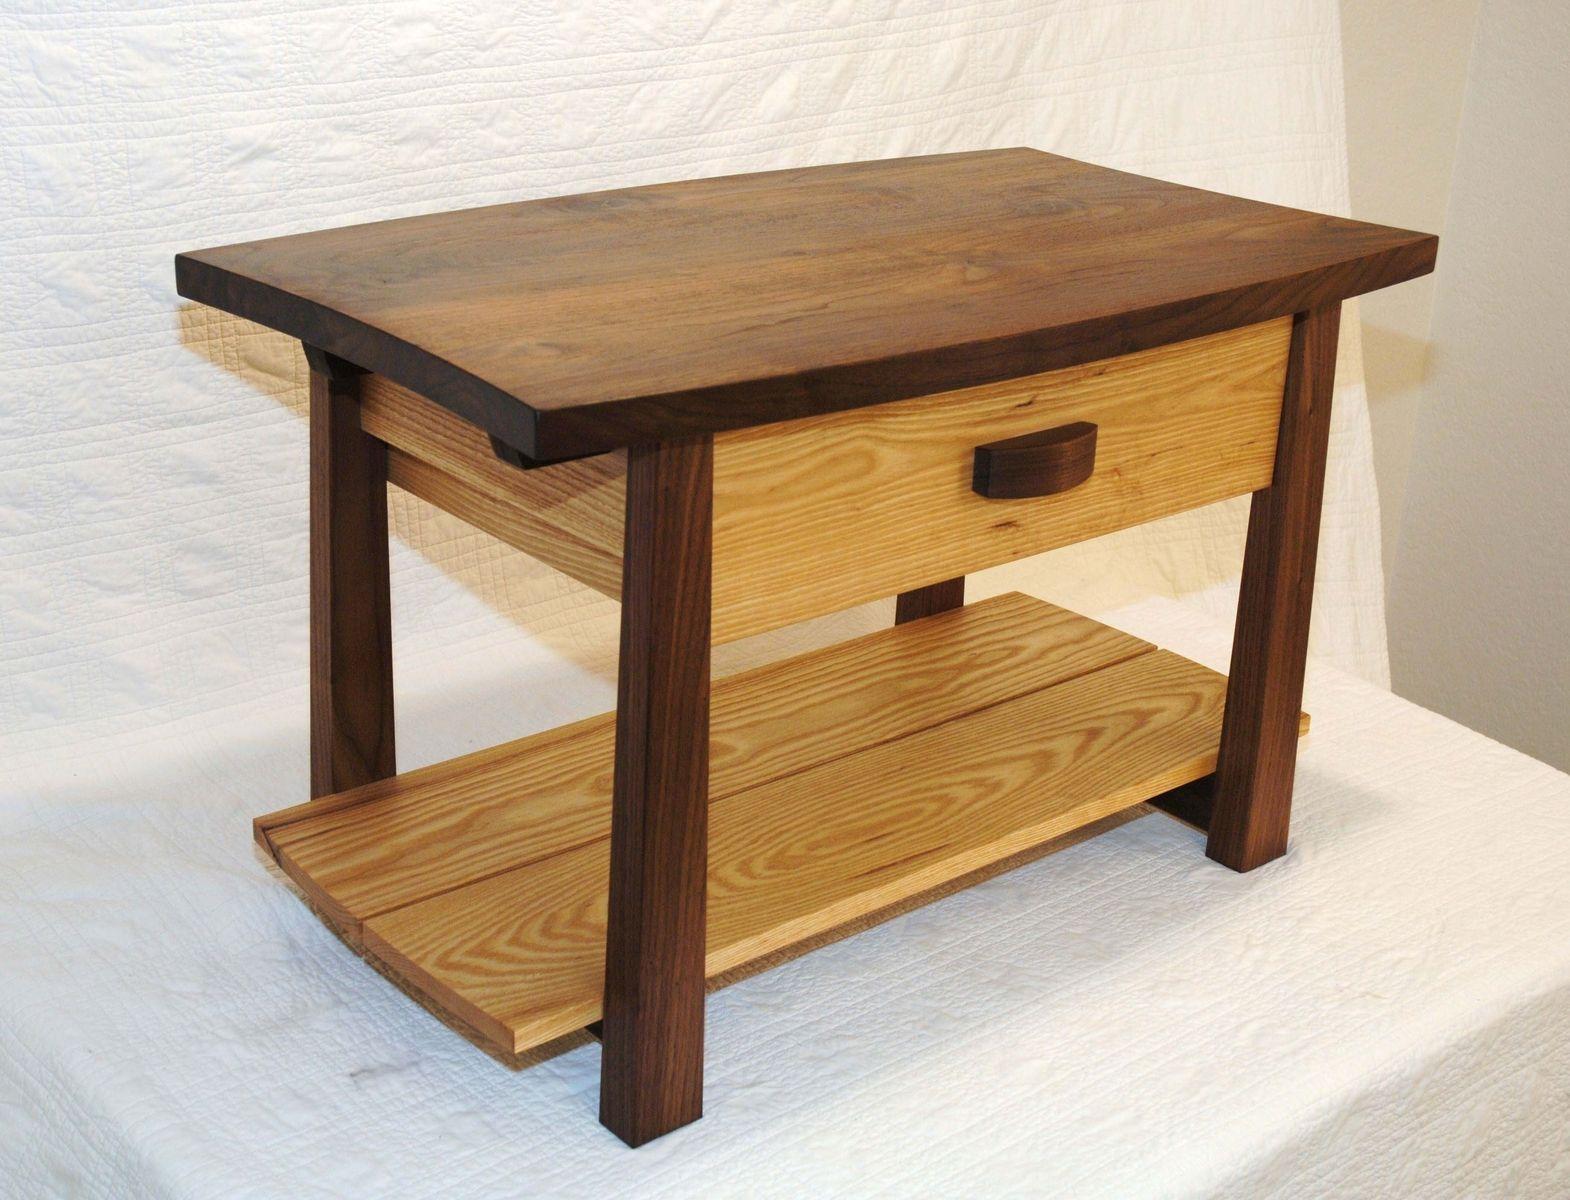 Custom made walnut and ash coffee table